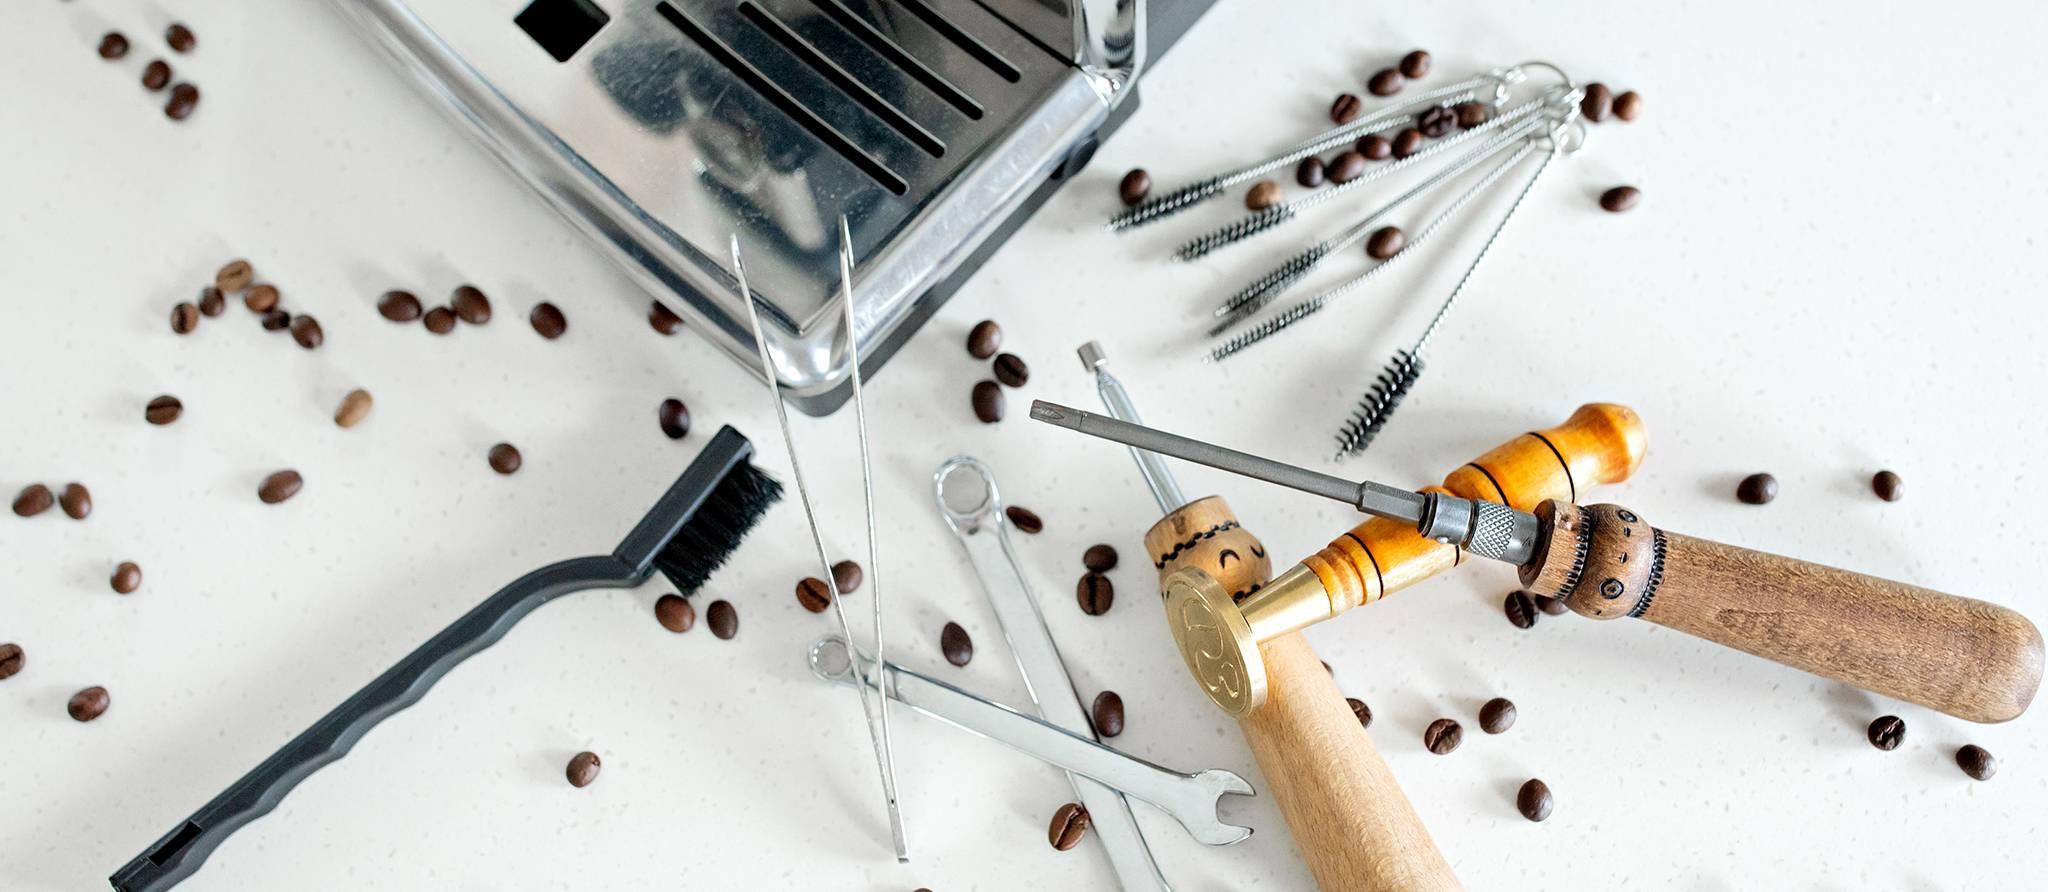 reparabilite-cafetieres-espresso